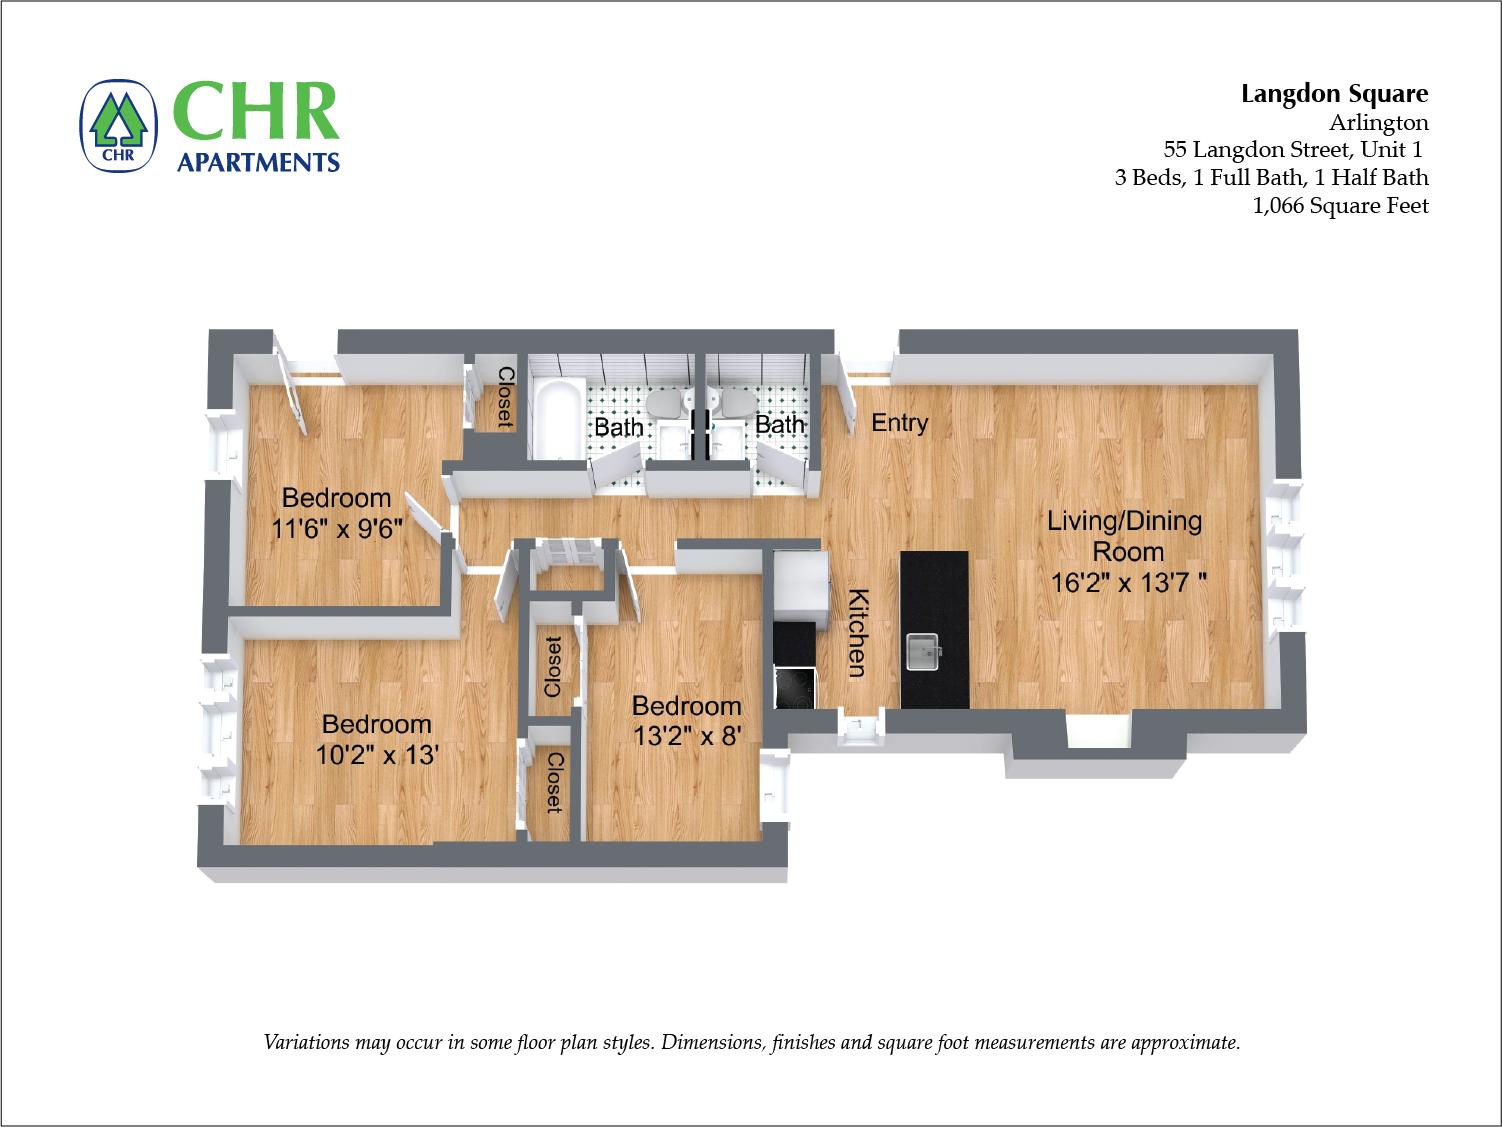 Click to view 3 Bedroom floor plan gallery